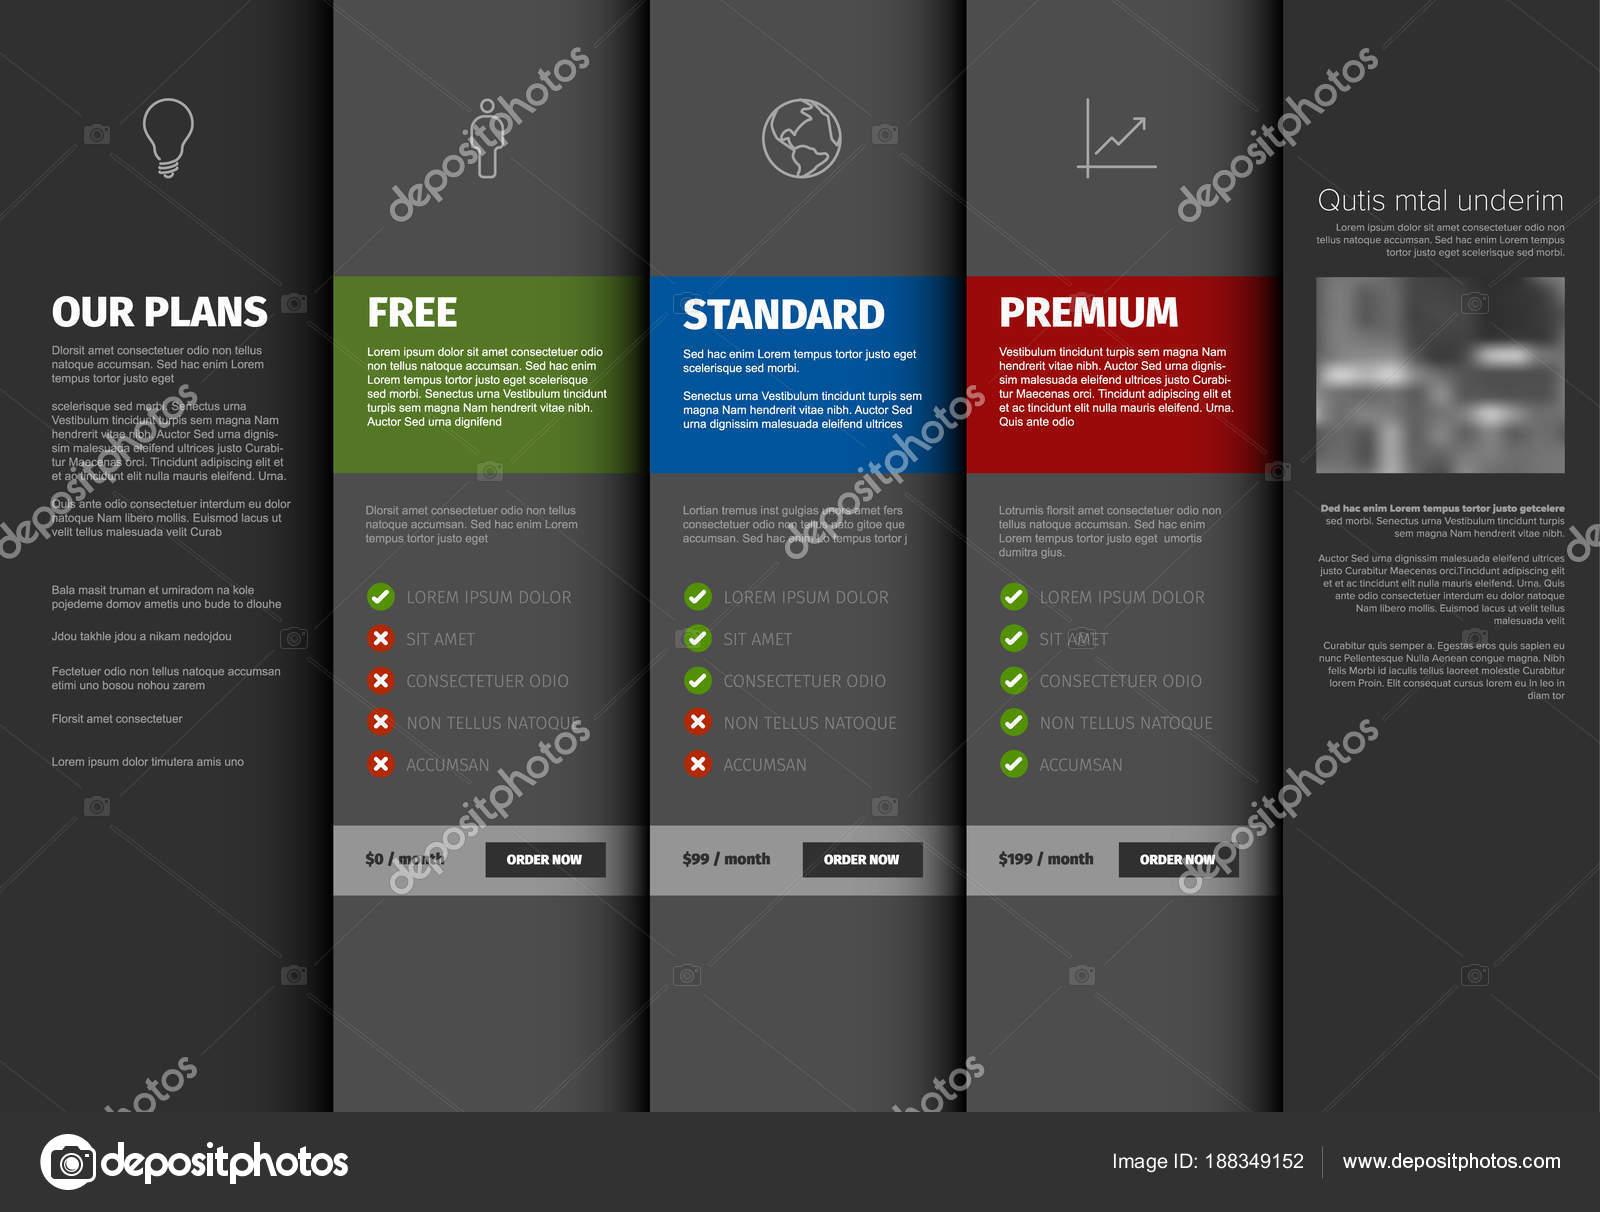 product service pricing comparison table template description dark